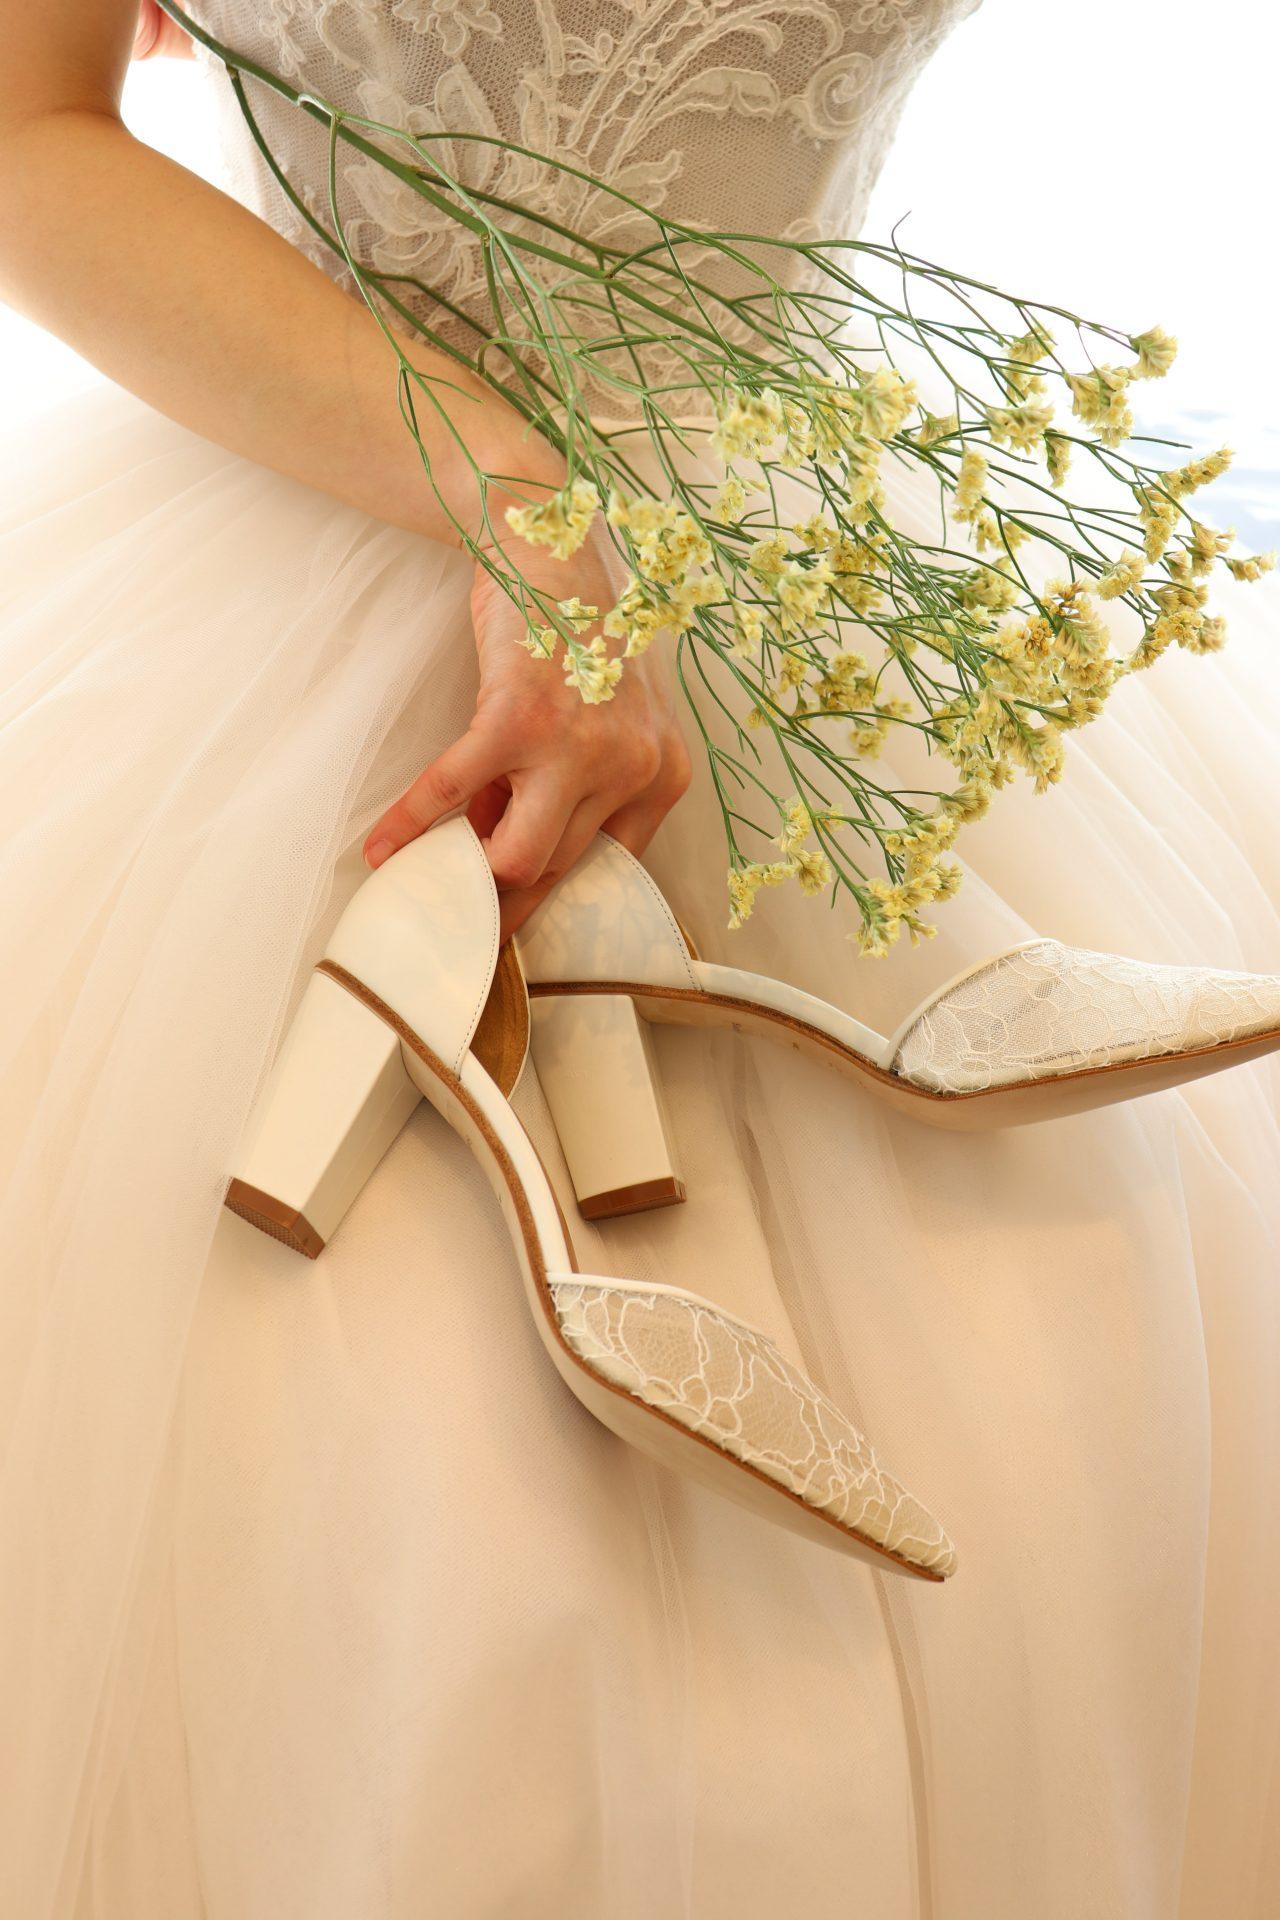 チュールのウェディングドレスにおすすめのレースが美しいチャンキーヒールのウェディングシューズ